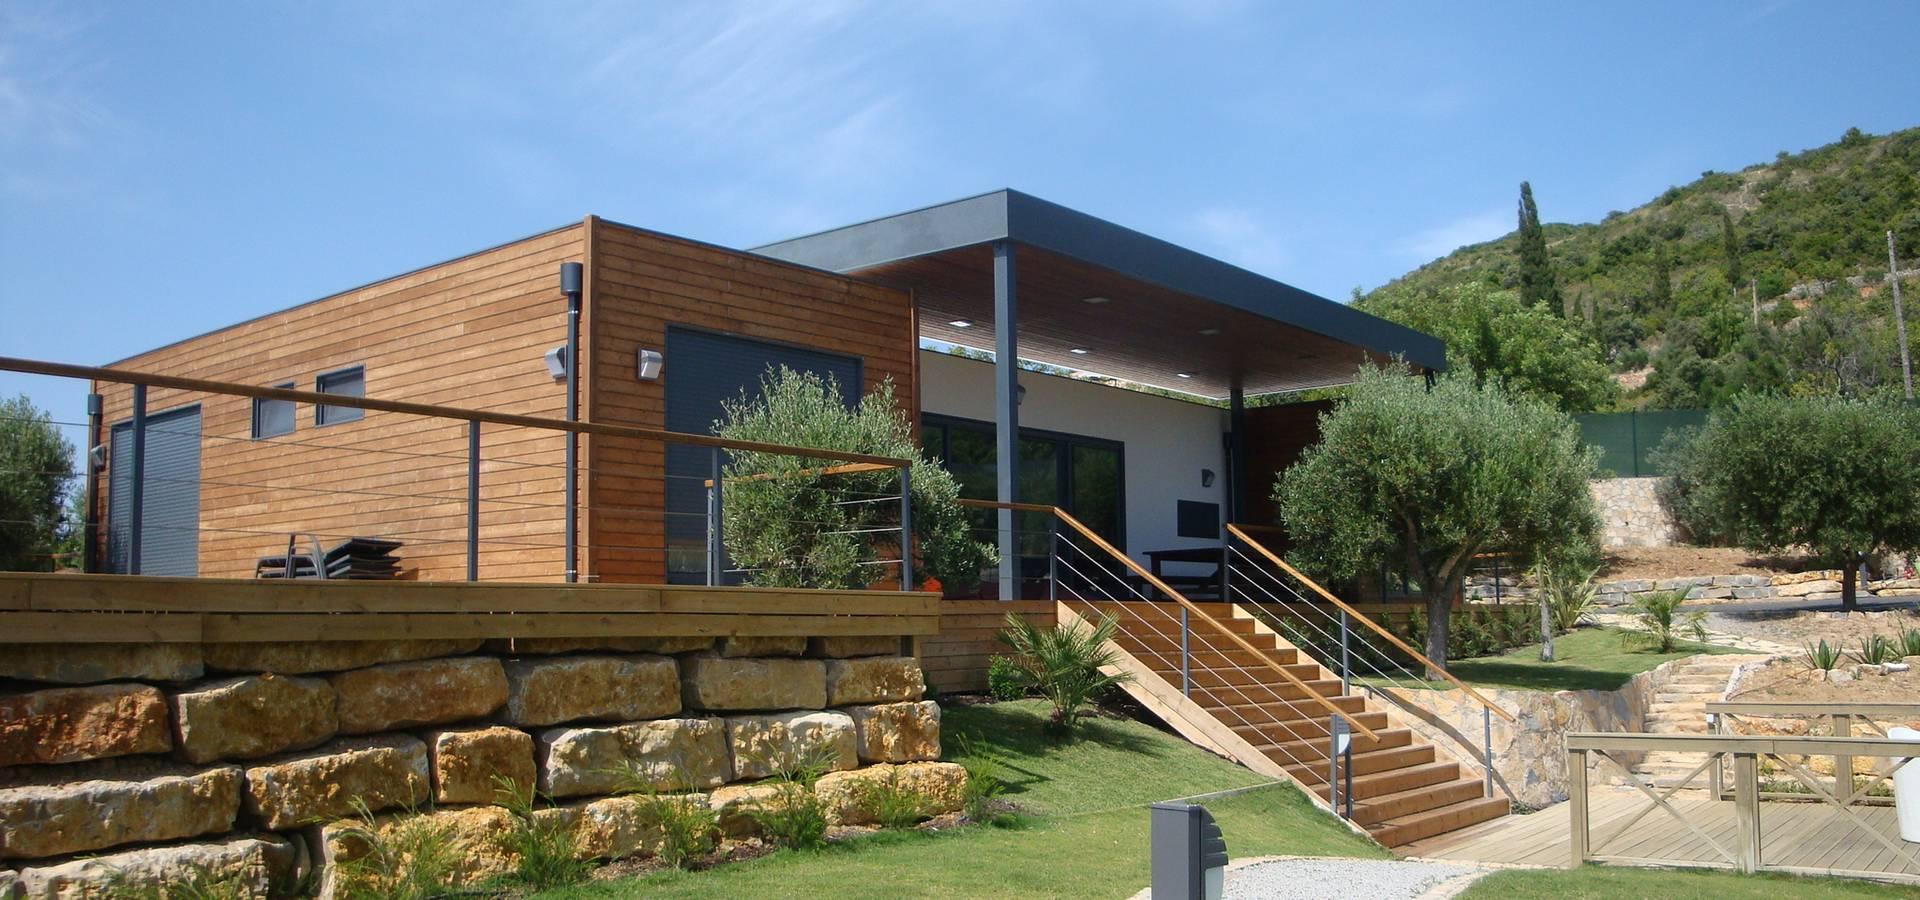 Casas modulares amoviveis por kitur homify - Casas de madera modulares ...